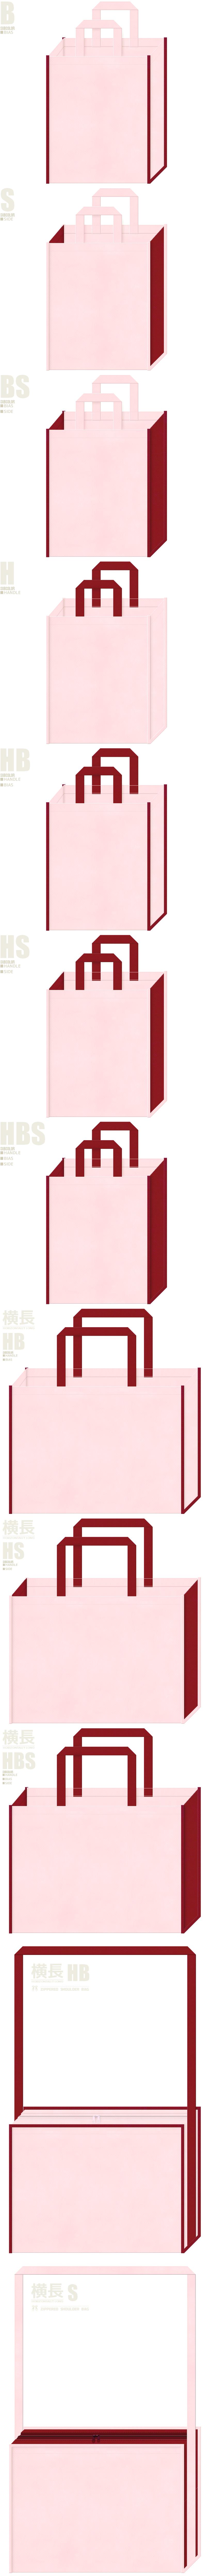 学校・学園・オープンキャンパス・レッスンバッグ・着物・振袖・成人式・ひな祭り・お正月・写真館・和風催事にお奨めの不織布バッグデザイン:桜色とエンジ色の配色7パターン。